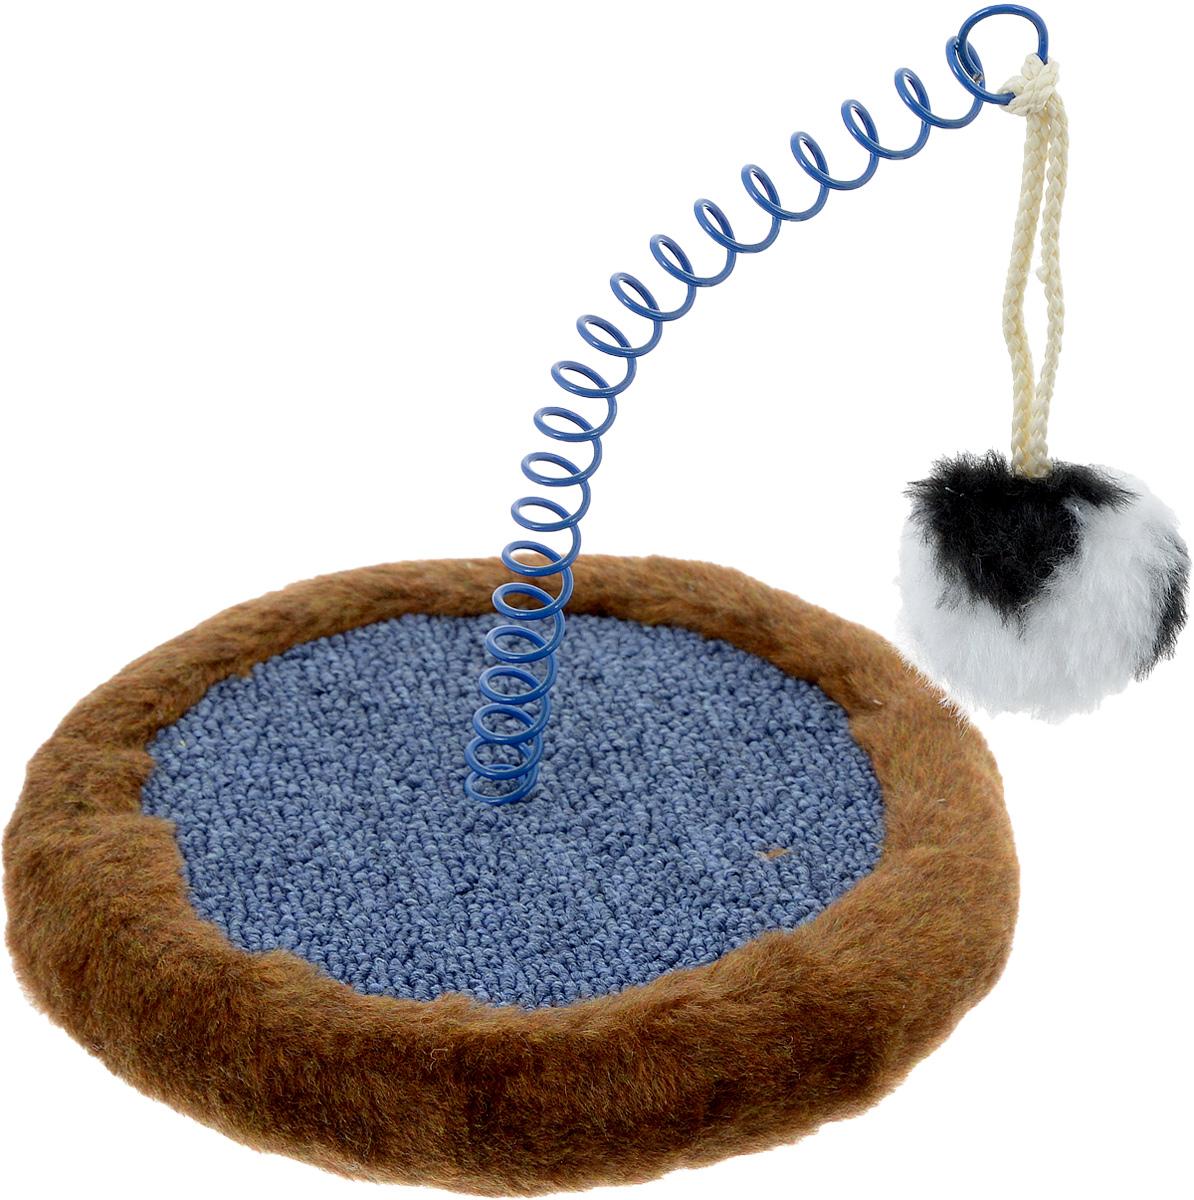 Когтеточка Зоомарк Мини, с игрушкой, цвет: коричневый, синий4Когтеточка ЗооМарк Мини, изготовленная из деревянного каркаса, искусственного меха и ковролина, поможет сохранить мебель и ковры в доме от когтей вашего любимца, стремящегося удовлетворить свою естественную потребность точить когти. Товар продуман в мельчайших деталях и, несомненно, понравится вашей кошке. Компактная когтеточка обладает поверхностью для стачивания коготков. Кроме того, во время царапания происходит нагрузка на мышечный аппарат, что является прекрасной физической тренировкой для животного. А также на когтеточке ЗооМарк Мини стачиваются старые омертвевшие слои когтей, что благотворно влияет на здоровье и настроение питомца. Это намного безопаснее, чем подстригать когти ножницами или специальными щипцами, рискуя повредить ногтевую пластину и причинить животному дискомфорт. Встроенная в когтеточку забавная игрушка несомненно привлечет вашего питомца и подарит ему радость приятного времяпрепровождения, а ваша мебель будет цела и...